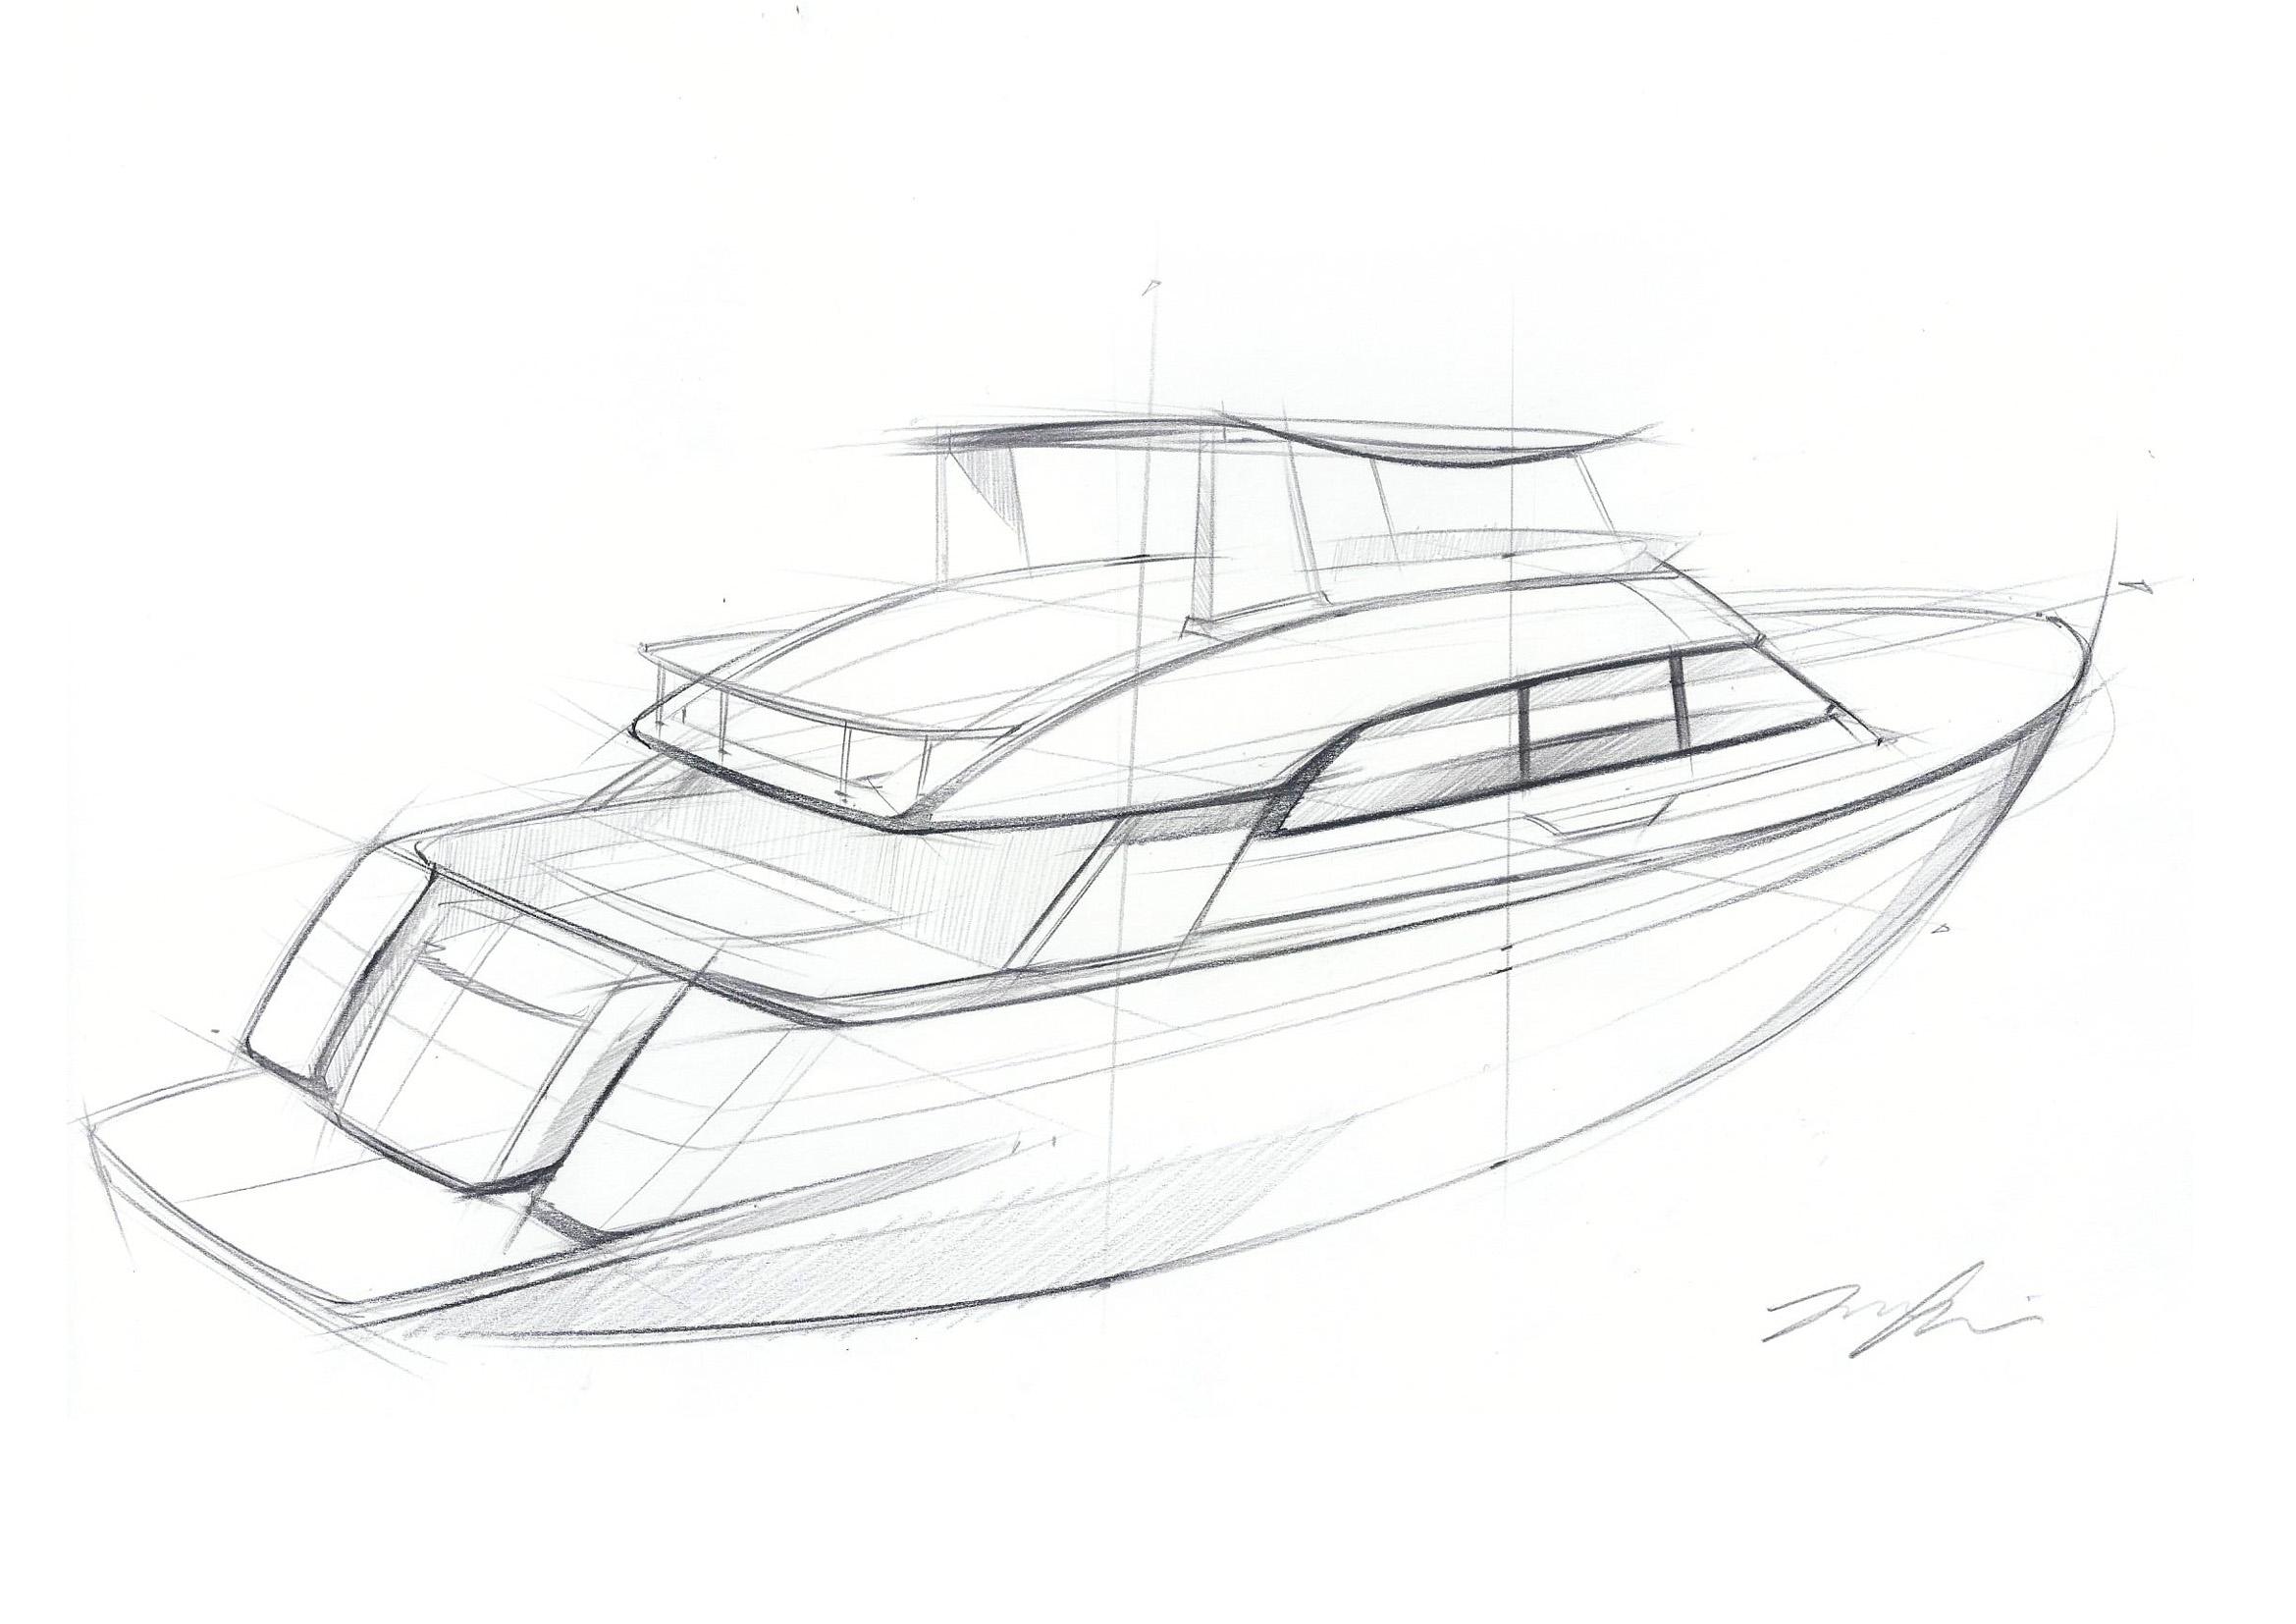 Sailboat Drawing Sketch At Getdrawings